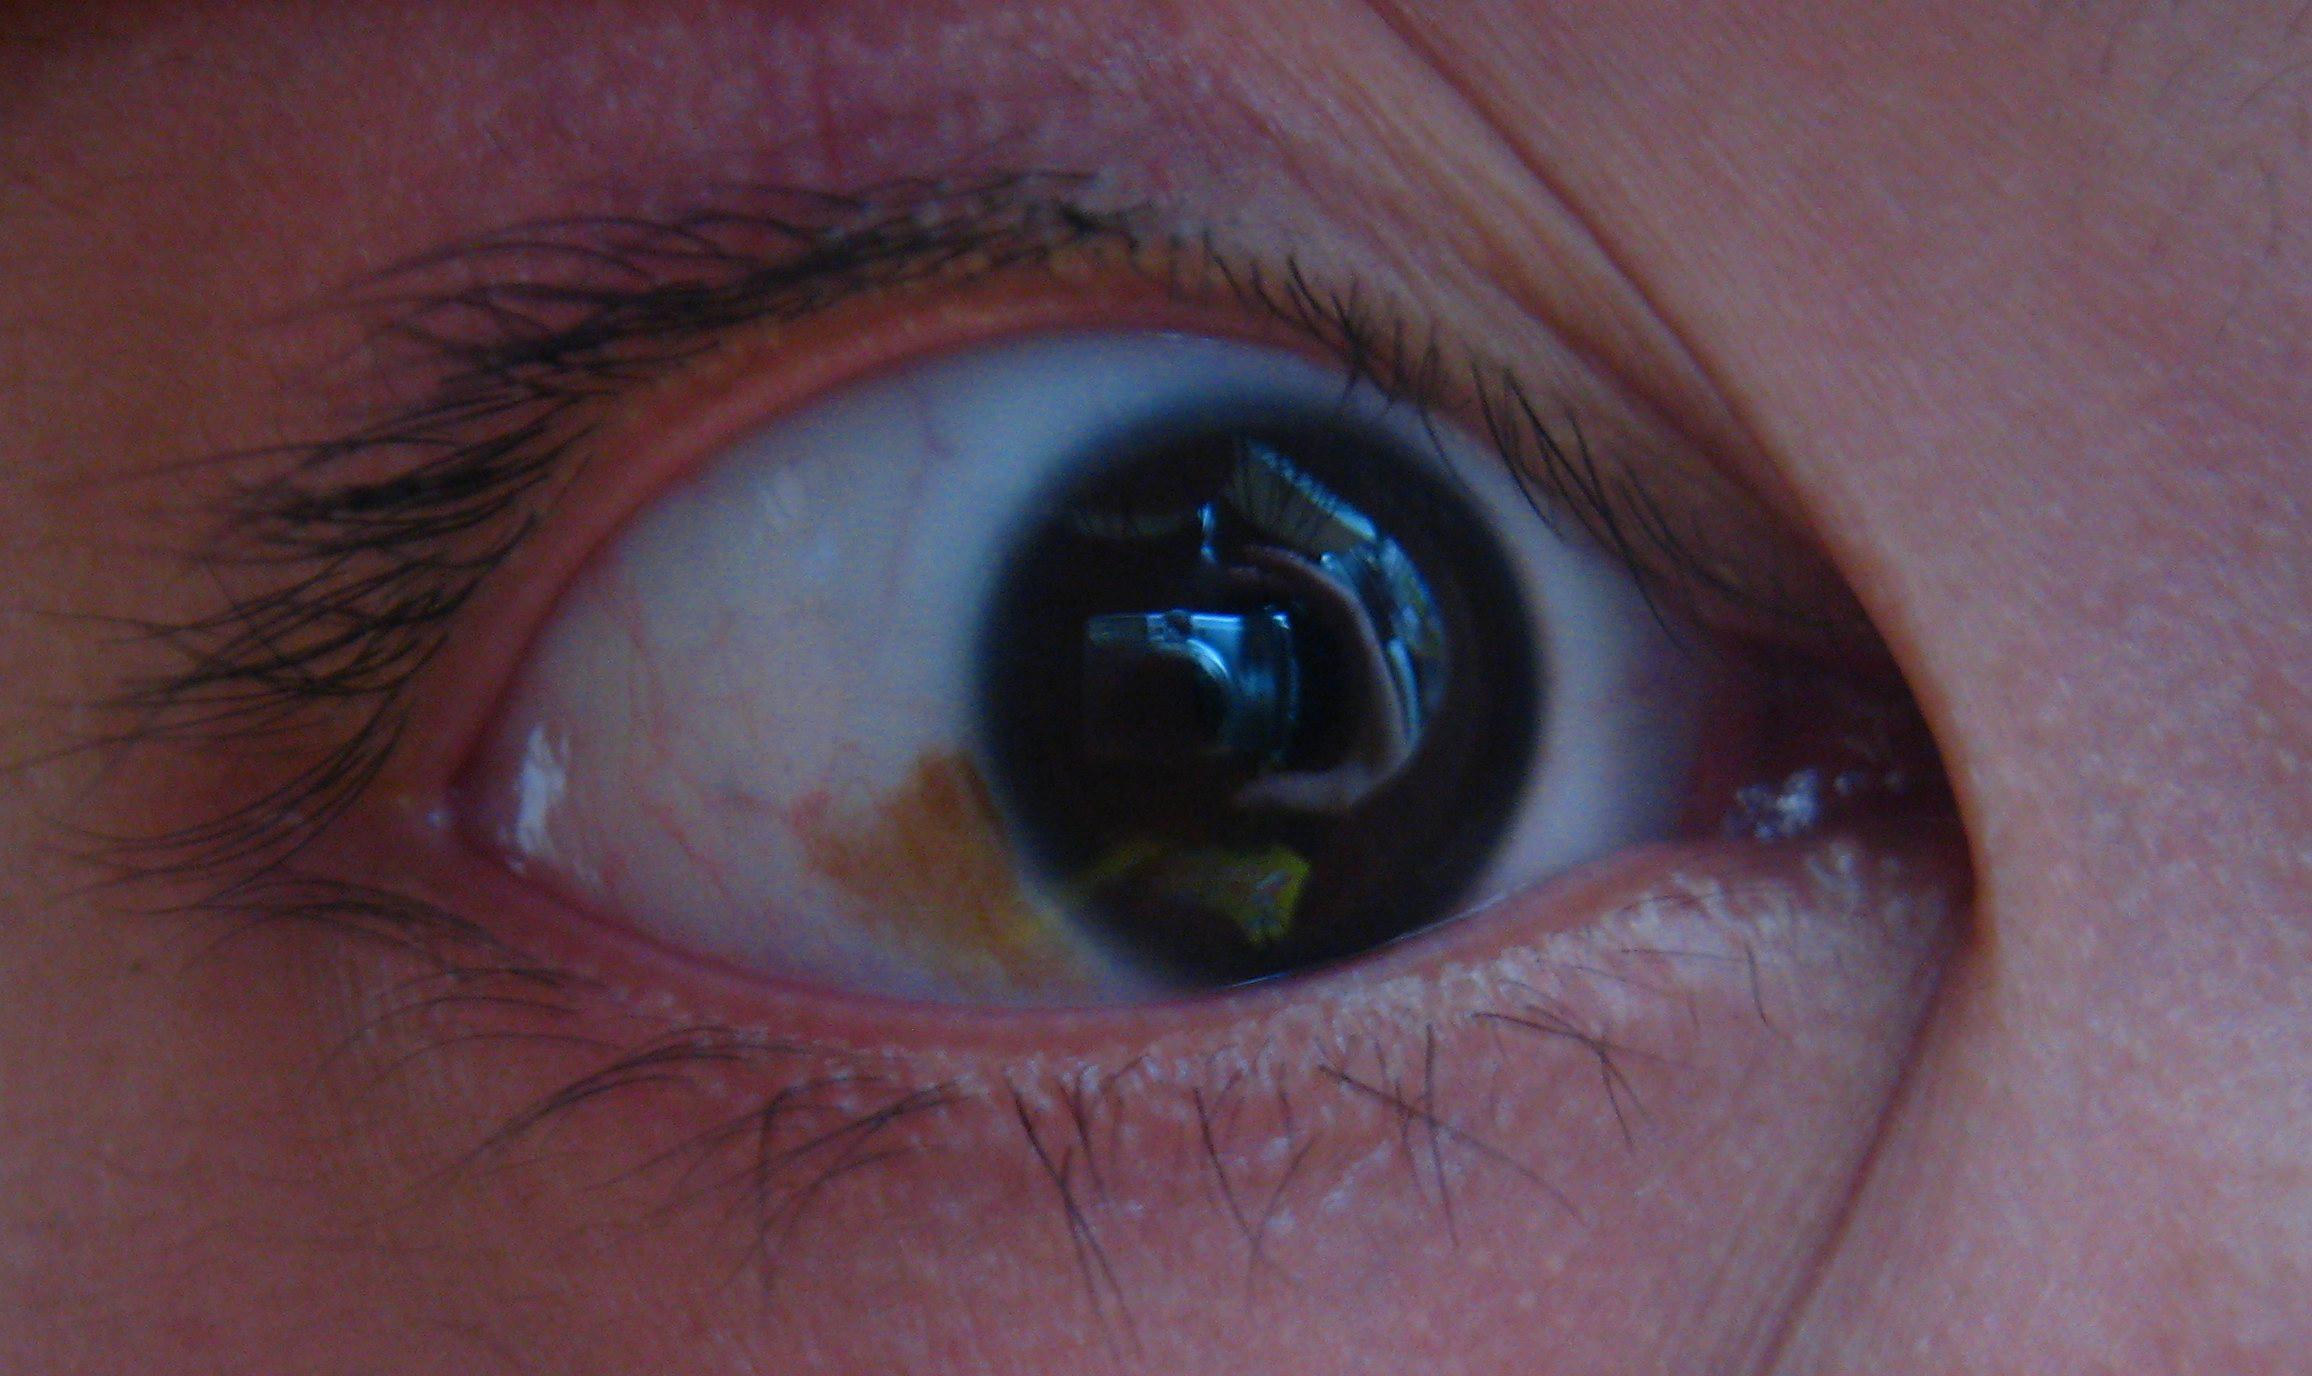 黑眼球上有个白点图片_眼球上眼白的地方有黄色的斑是怎么回事?